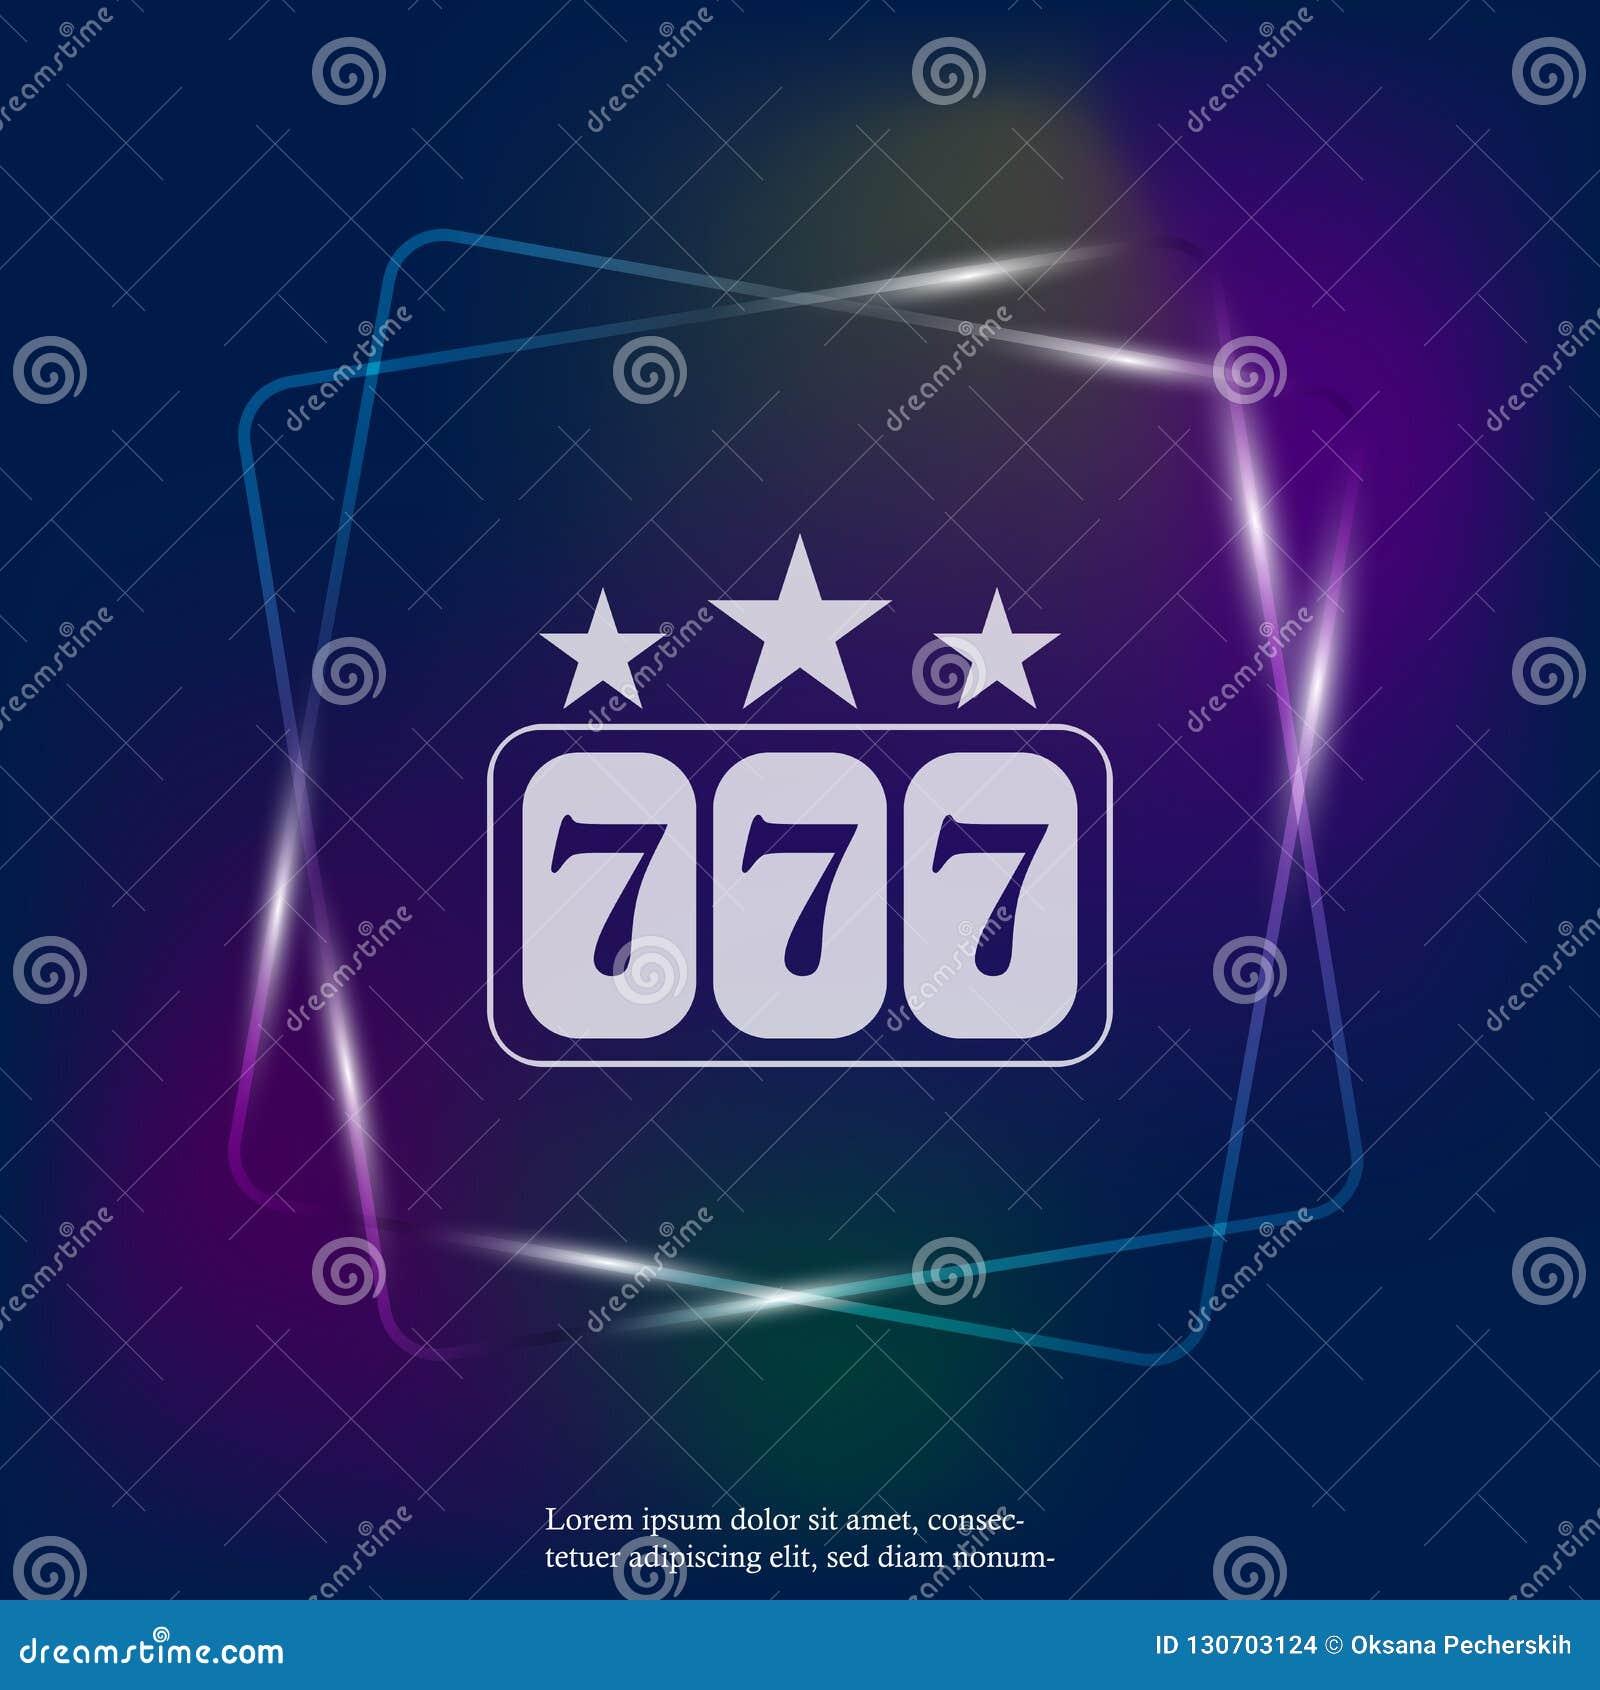 Wektorowi neonowego światła ikony wygrania w kasynie Najwyższej wygrany ikona 777